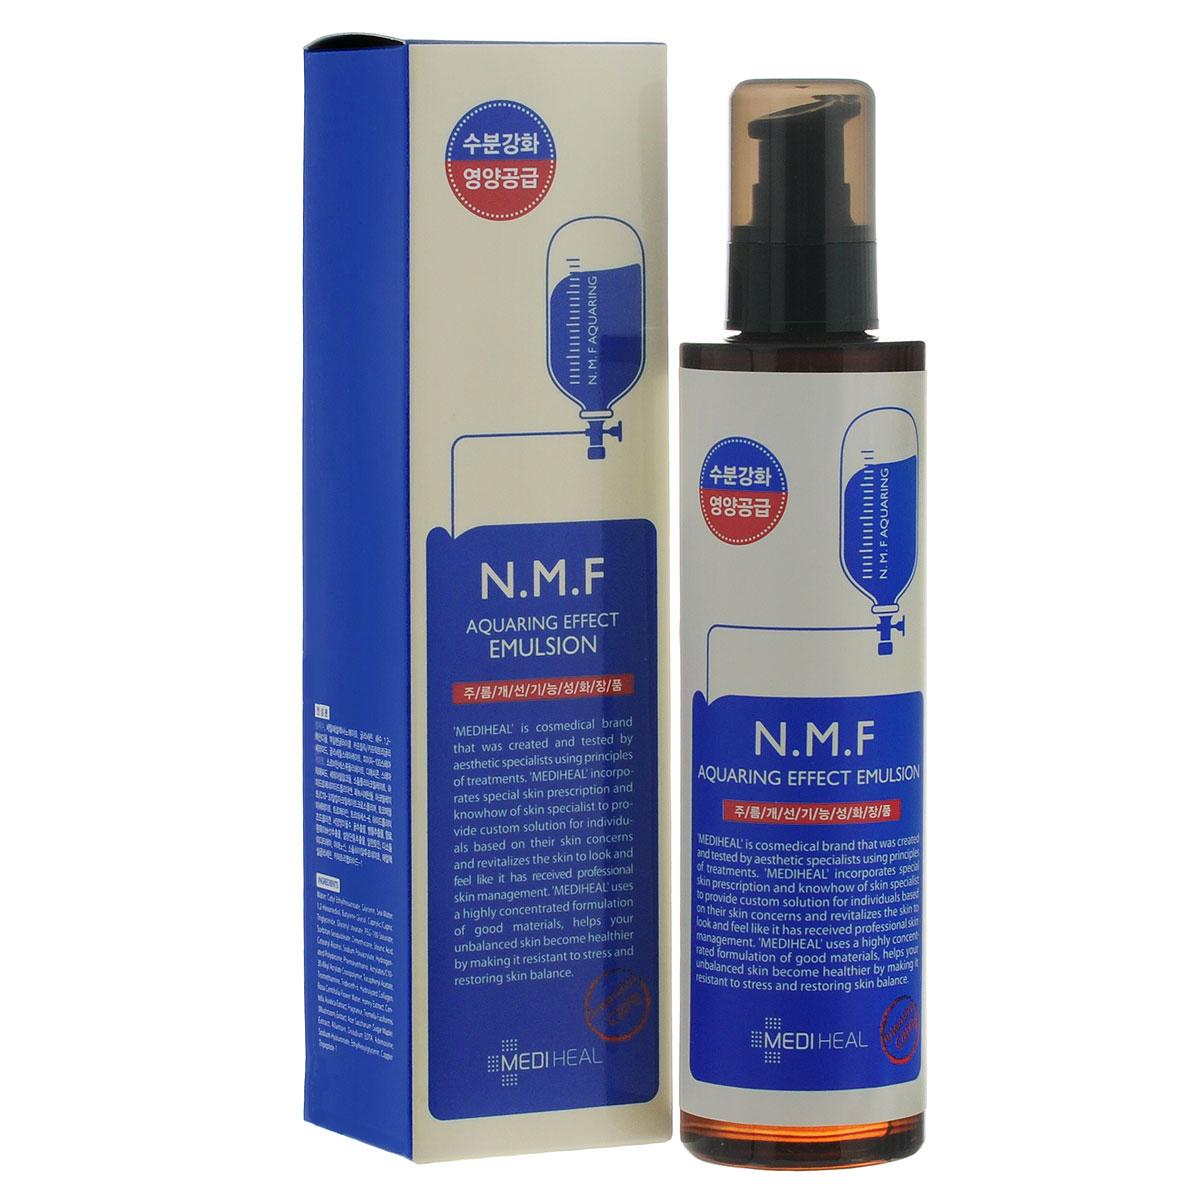 Beauty Clinic Эмульсия для лица Aquaring Effect, с N.M.F., увлажняющая, 145 мл1541Эмульсия содержит N.M.F. и другие активные увлажняющие и подтягивающие компоненты, такие как глубинная морская вода, гиалуроновая кислота, экстракты древесного гриба, сахарного клена, меда, центеллы азиатской. Интенсивно увлажняет, подтягивает и питает кожу, придает ей свежий вид. Способствует разглаживанию морщин. NMF (натуральный увлажняющий фактор) - это сложный комплекс молекул в роговом слое кожи, который способен притягивать и удерживать влагу, обеспечивать упругость и плотность рогового слоя кожи. В состав NMF входят низкомолекулярные пептиды, карбамид, пирролидонкарбоновая кислота, аминокислоты и т. д. При недостаточности увлажняющего фактора происходит обезвоживание эпидермиса. Глубинная морская вода содержит большое количество питательных веществ и 70 видов минералов, которые активно увлажняют кожу, придают ей здоровый вид, делают цвет кожи более естественным, выравнивают тон кожи. Экстракт клена сахарного ускоряет процесс обновления клеток, устраняет омертвевшие клетки эпидермиса и делает кожу более гладкой и свежей. Товар сертифицирован.